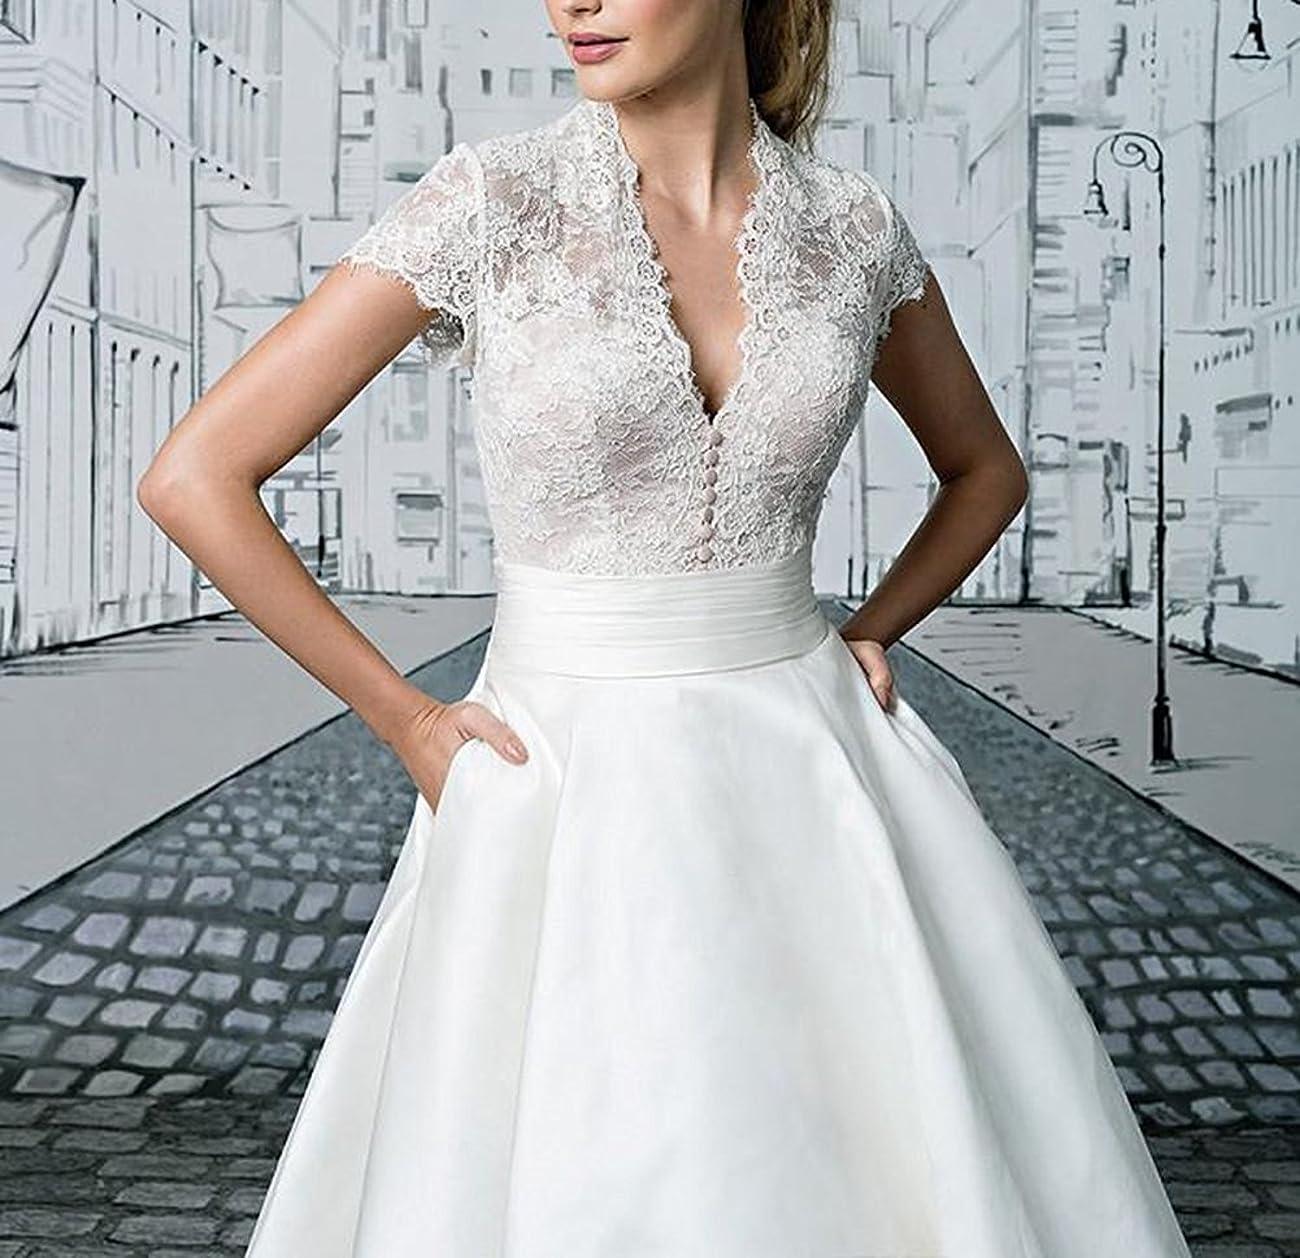 Fashionbride Women's Lace Tea Length A Line Vintage Wedding Dress Bridal Gown F364 2